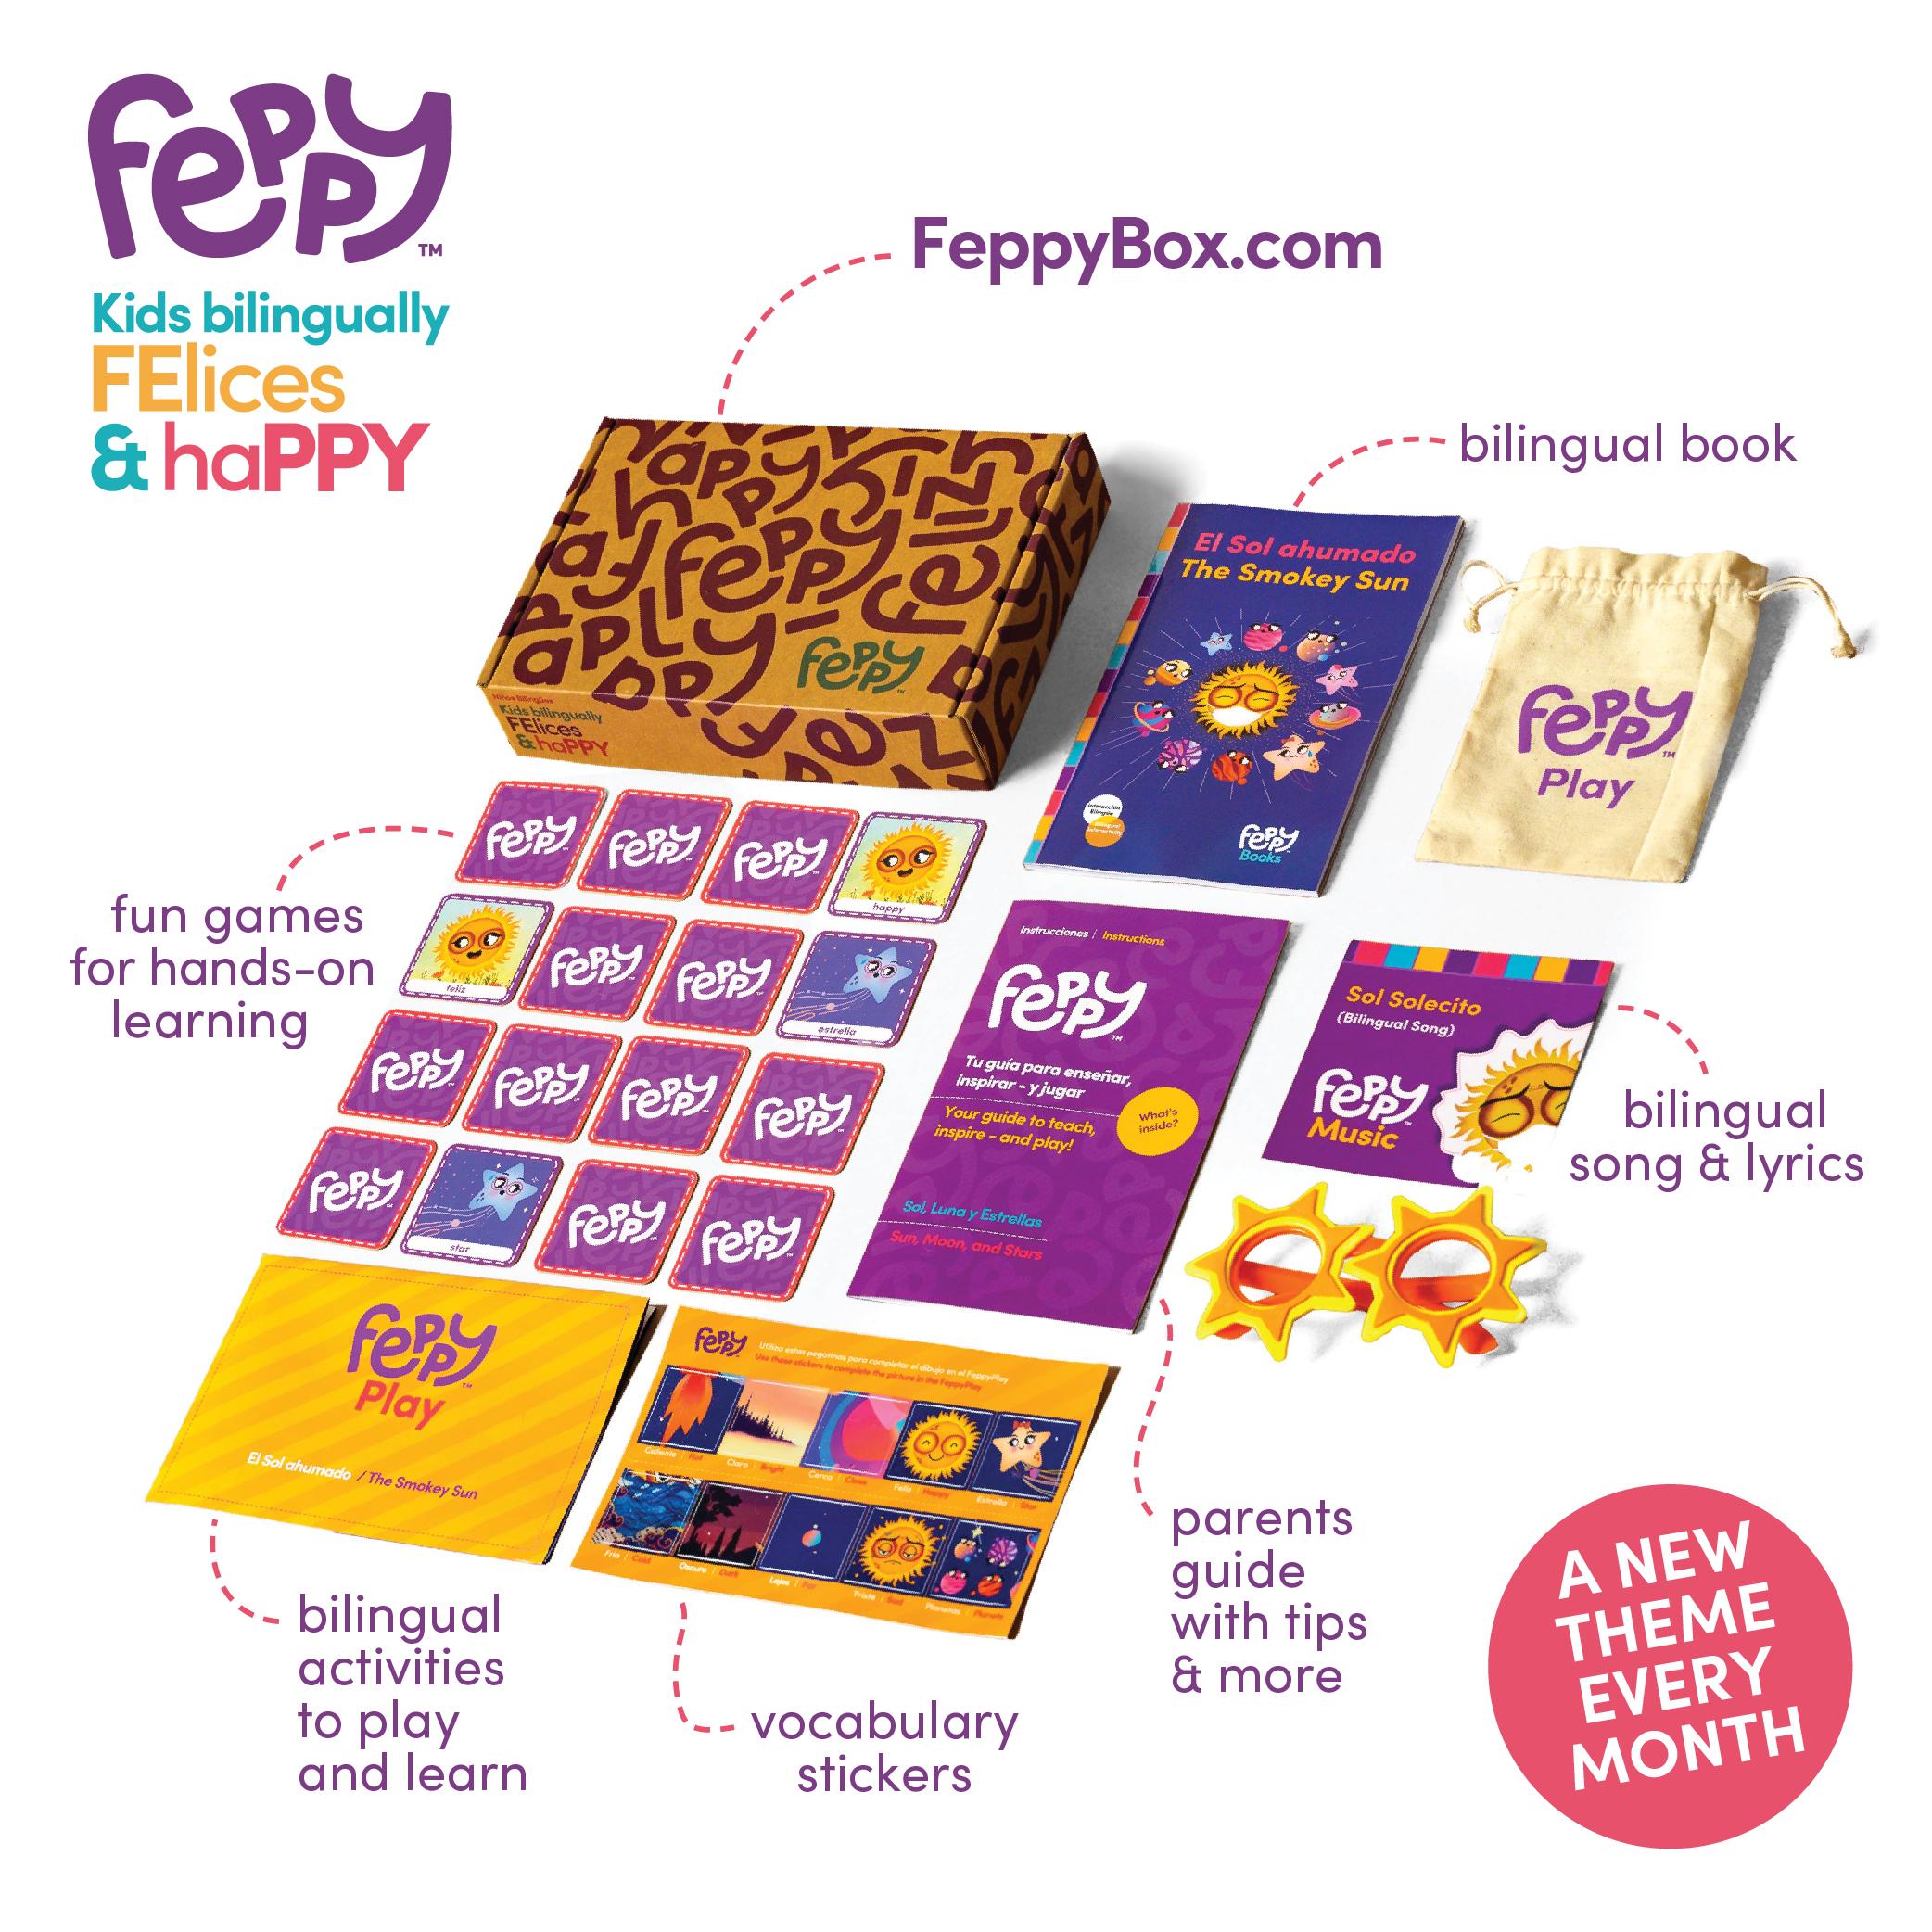 FeppyBox